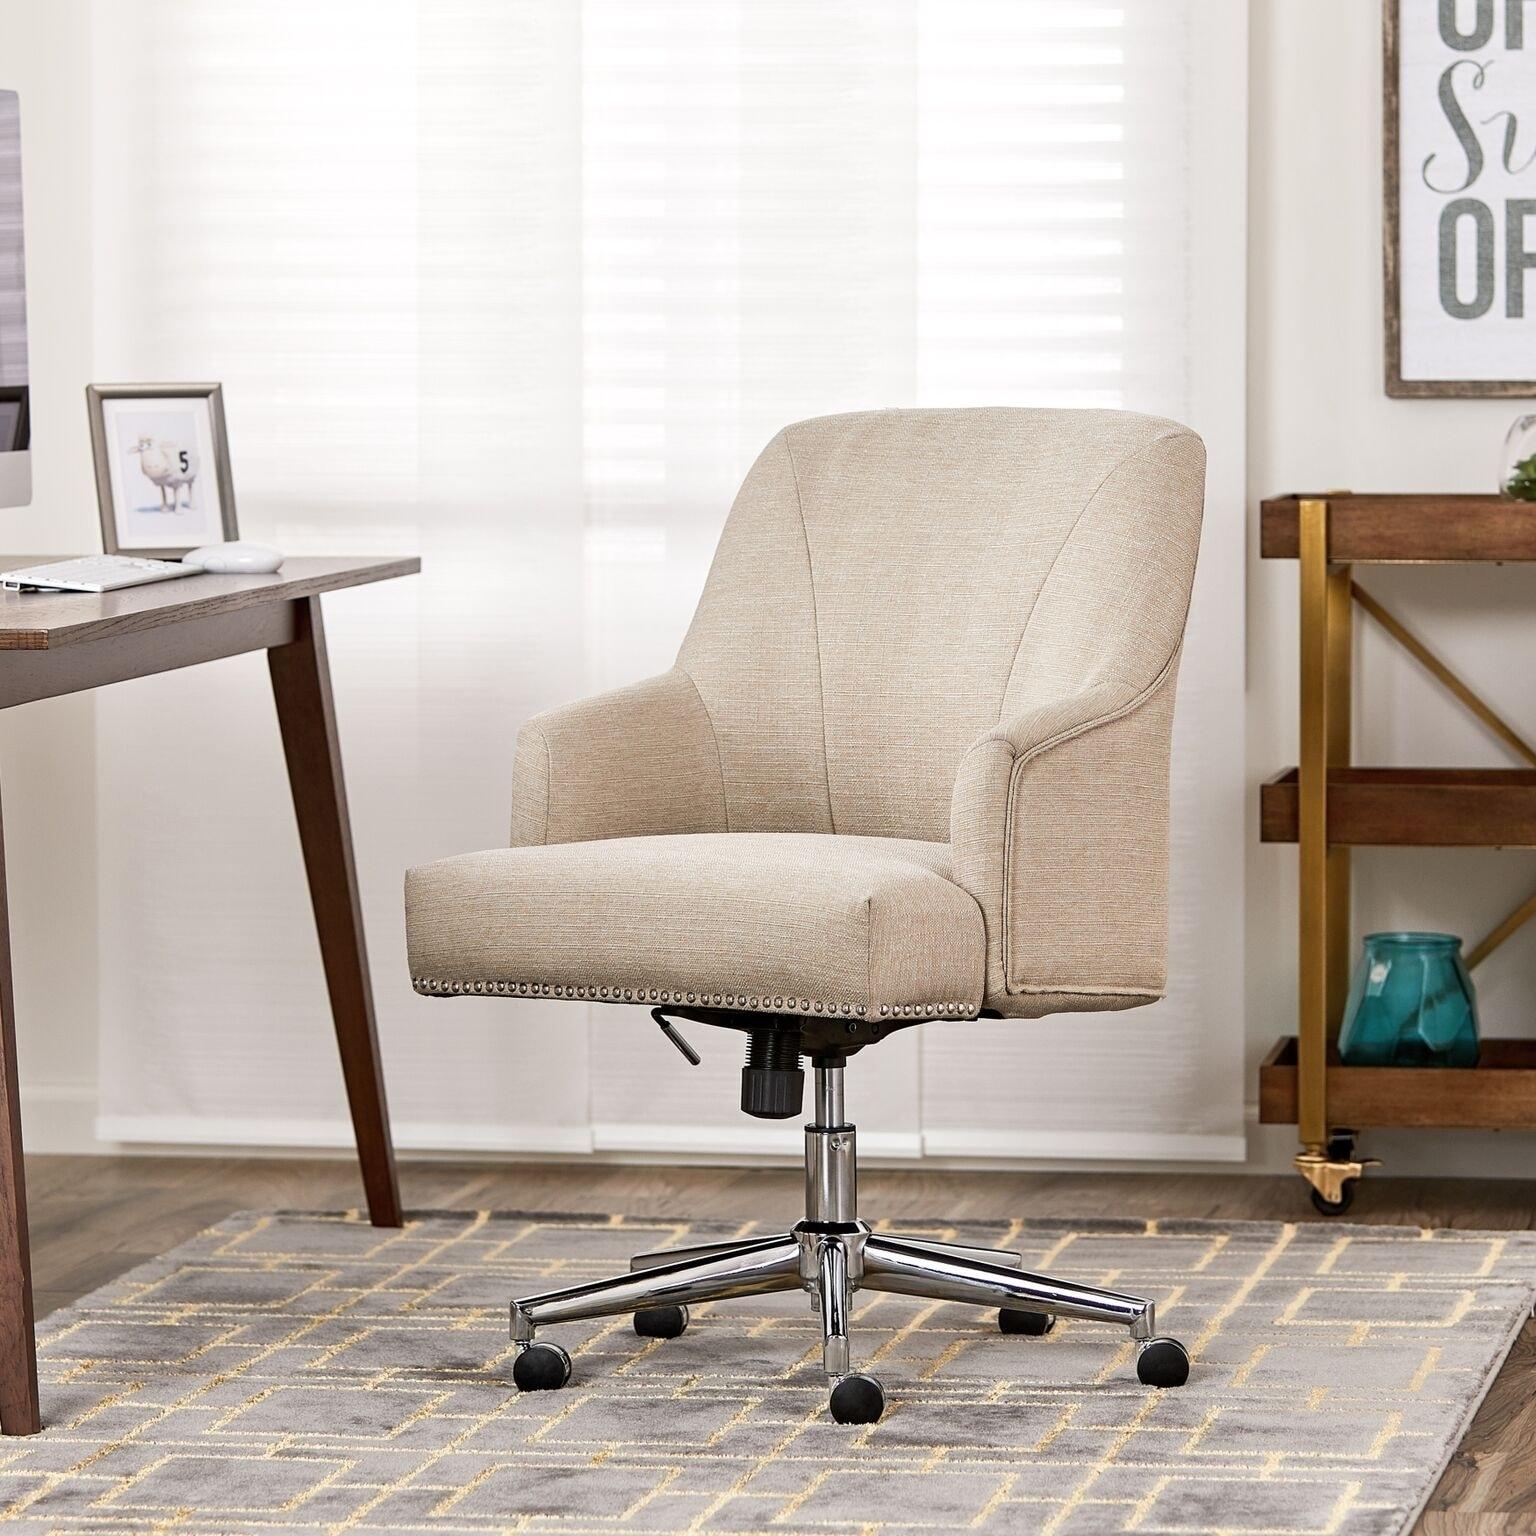 Serta leighton home office chair stoneware beige